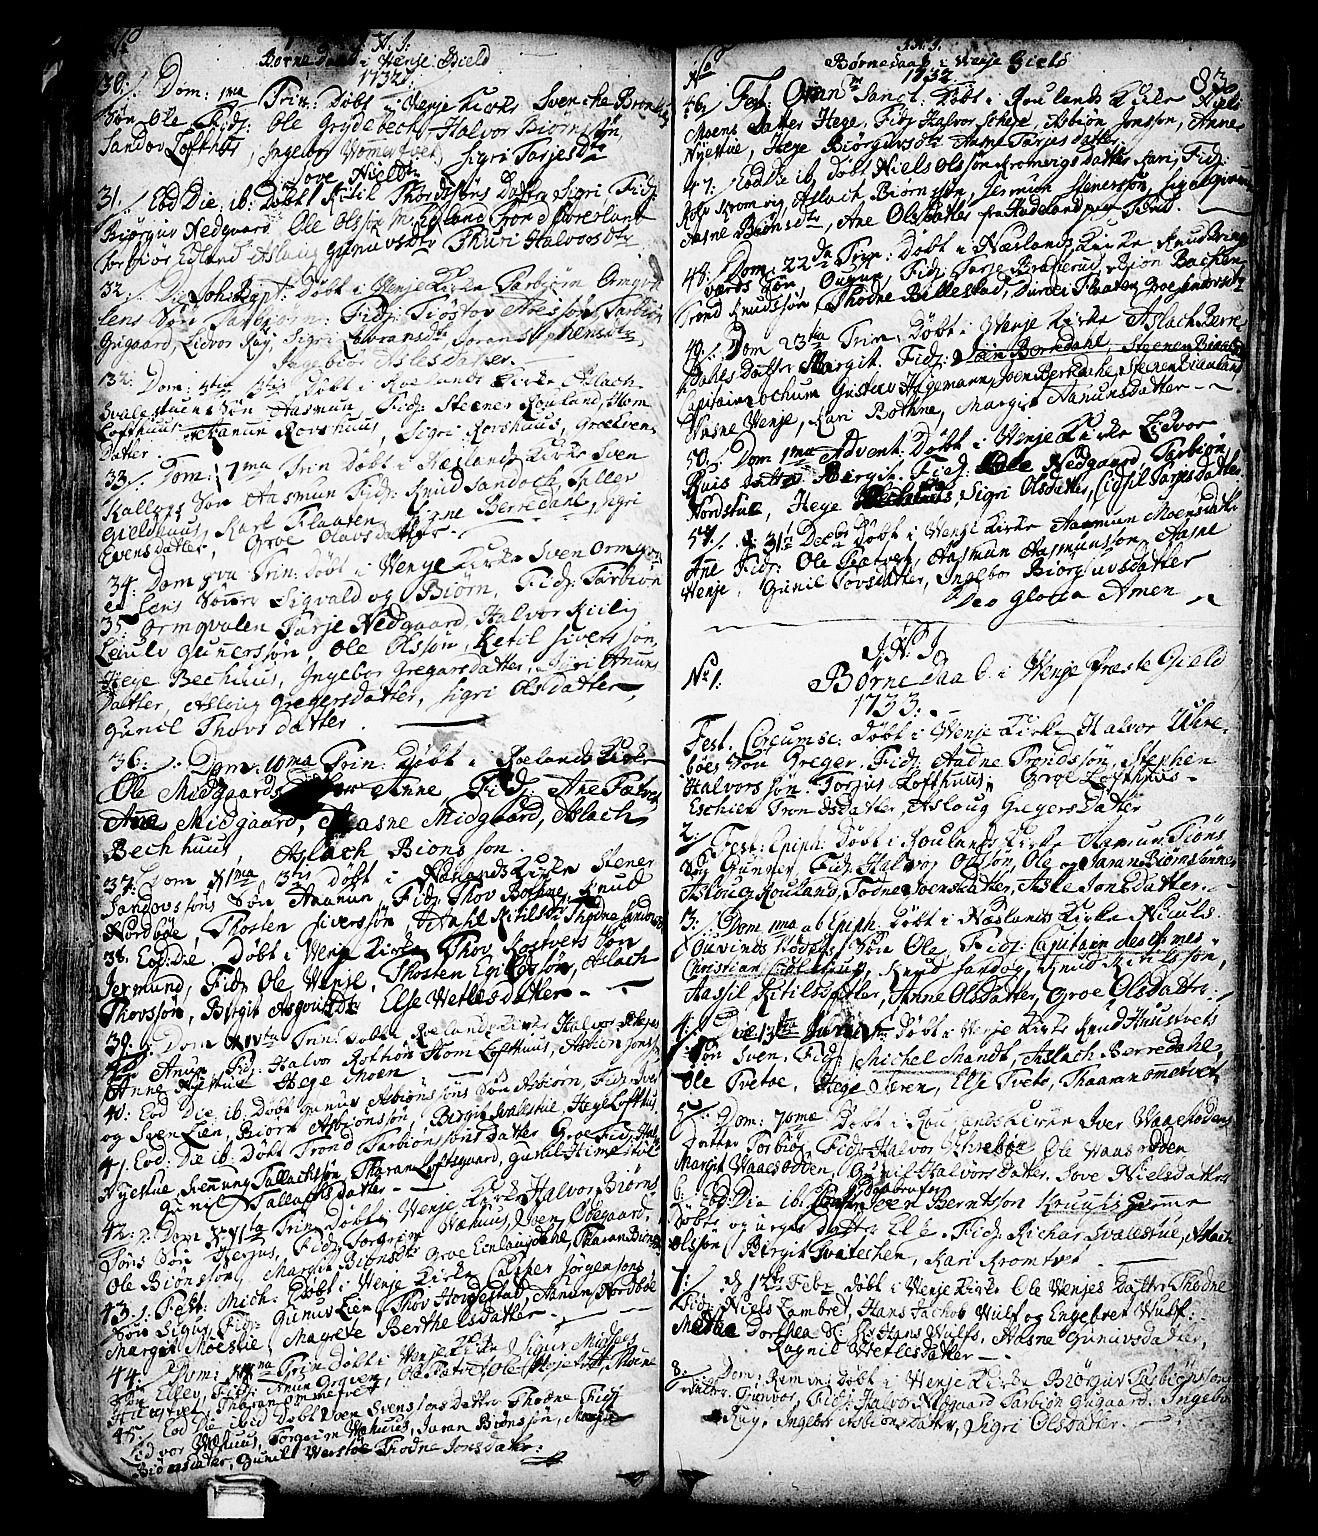 SAKO, Vinje kirkebøker, F/Fa/L0001: Ministerialbok nr. I 1, 1717-1766, s. 83